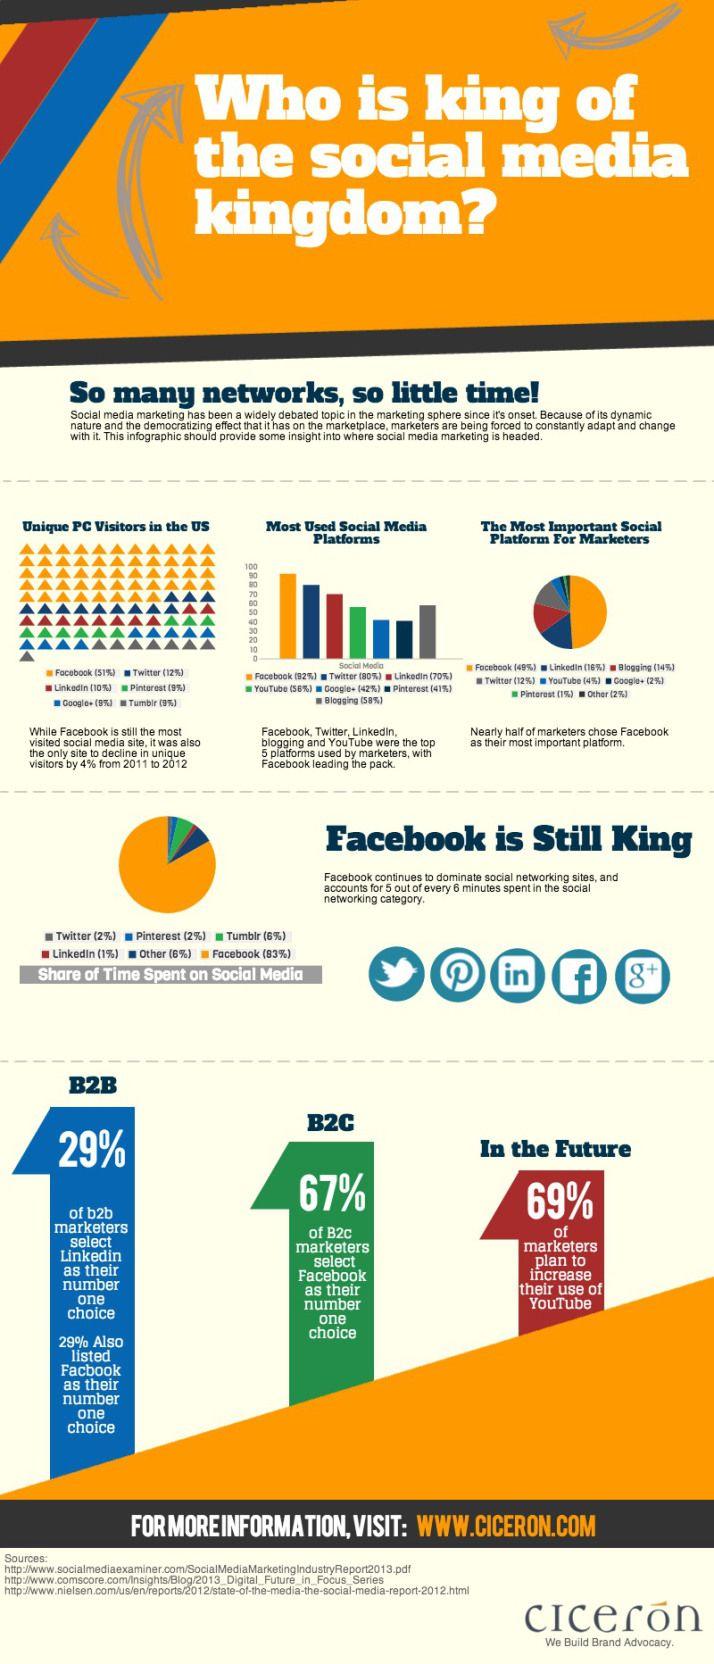 Quién reina en las Redes Sociales en el Reino Unido